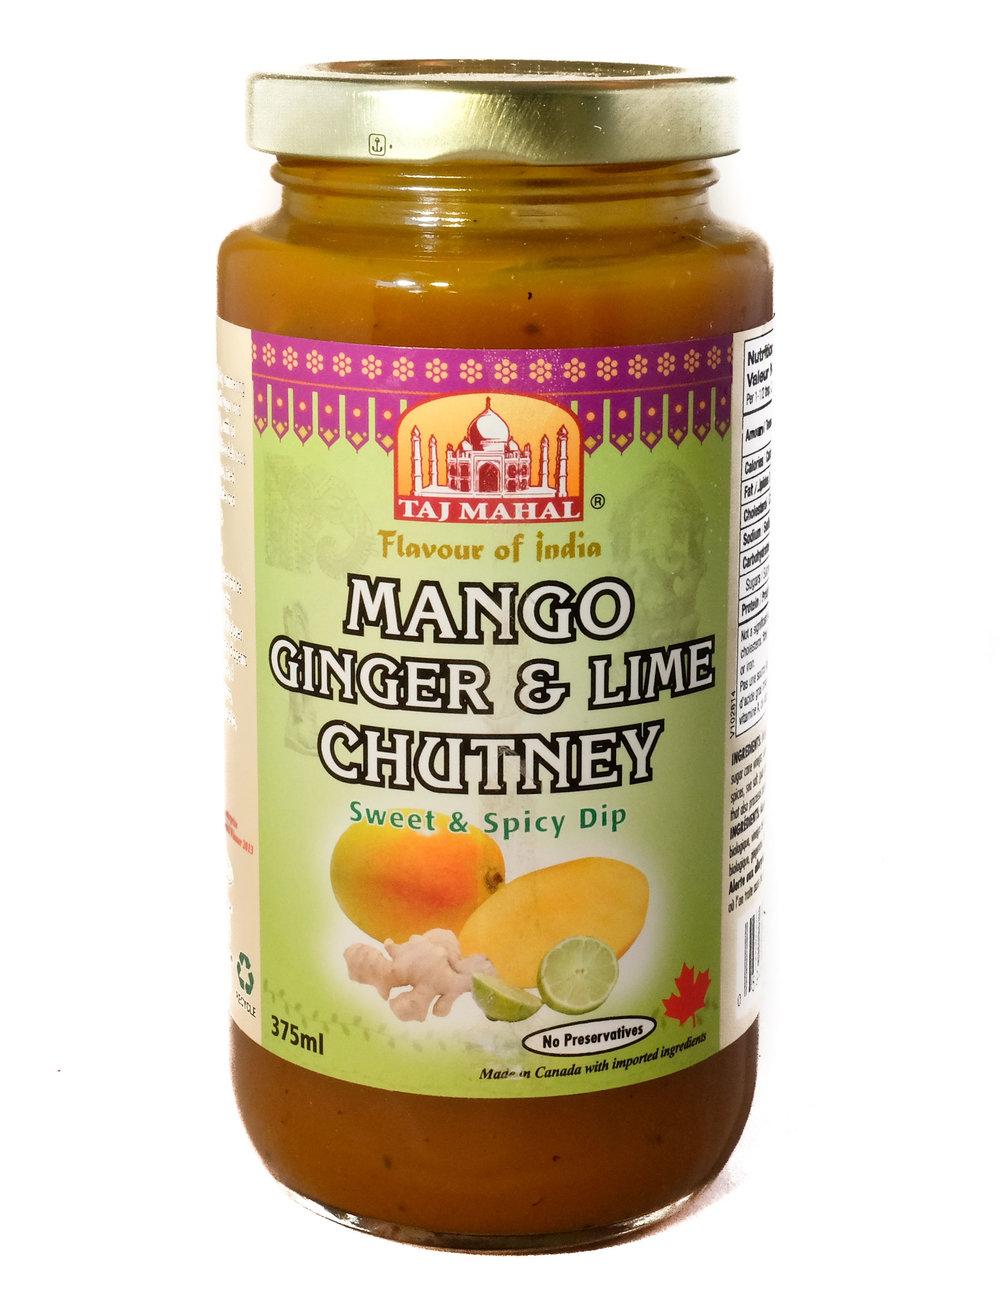 Mango Ginger & Chutney